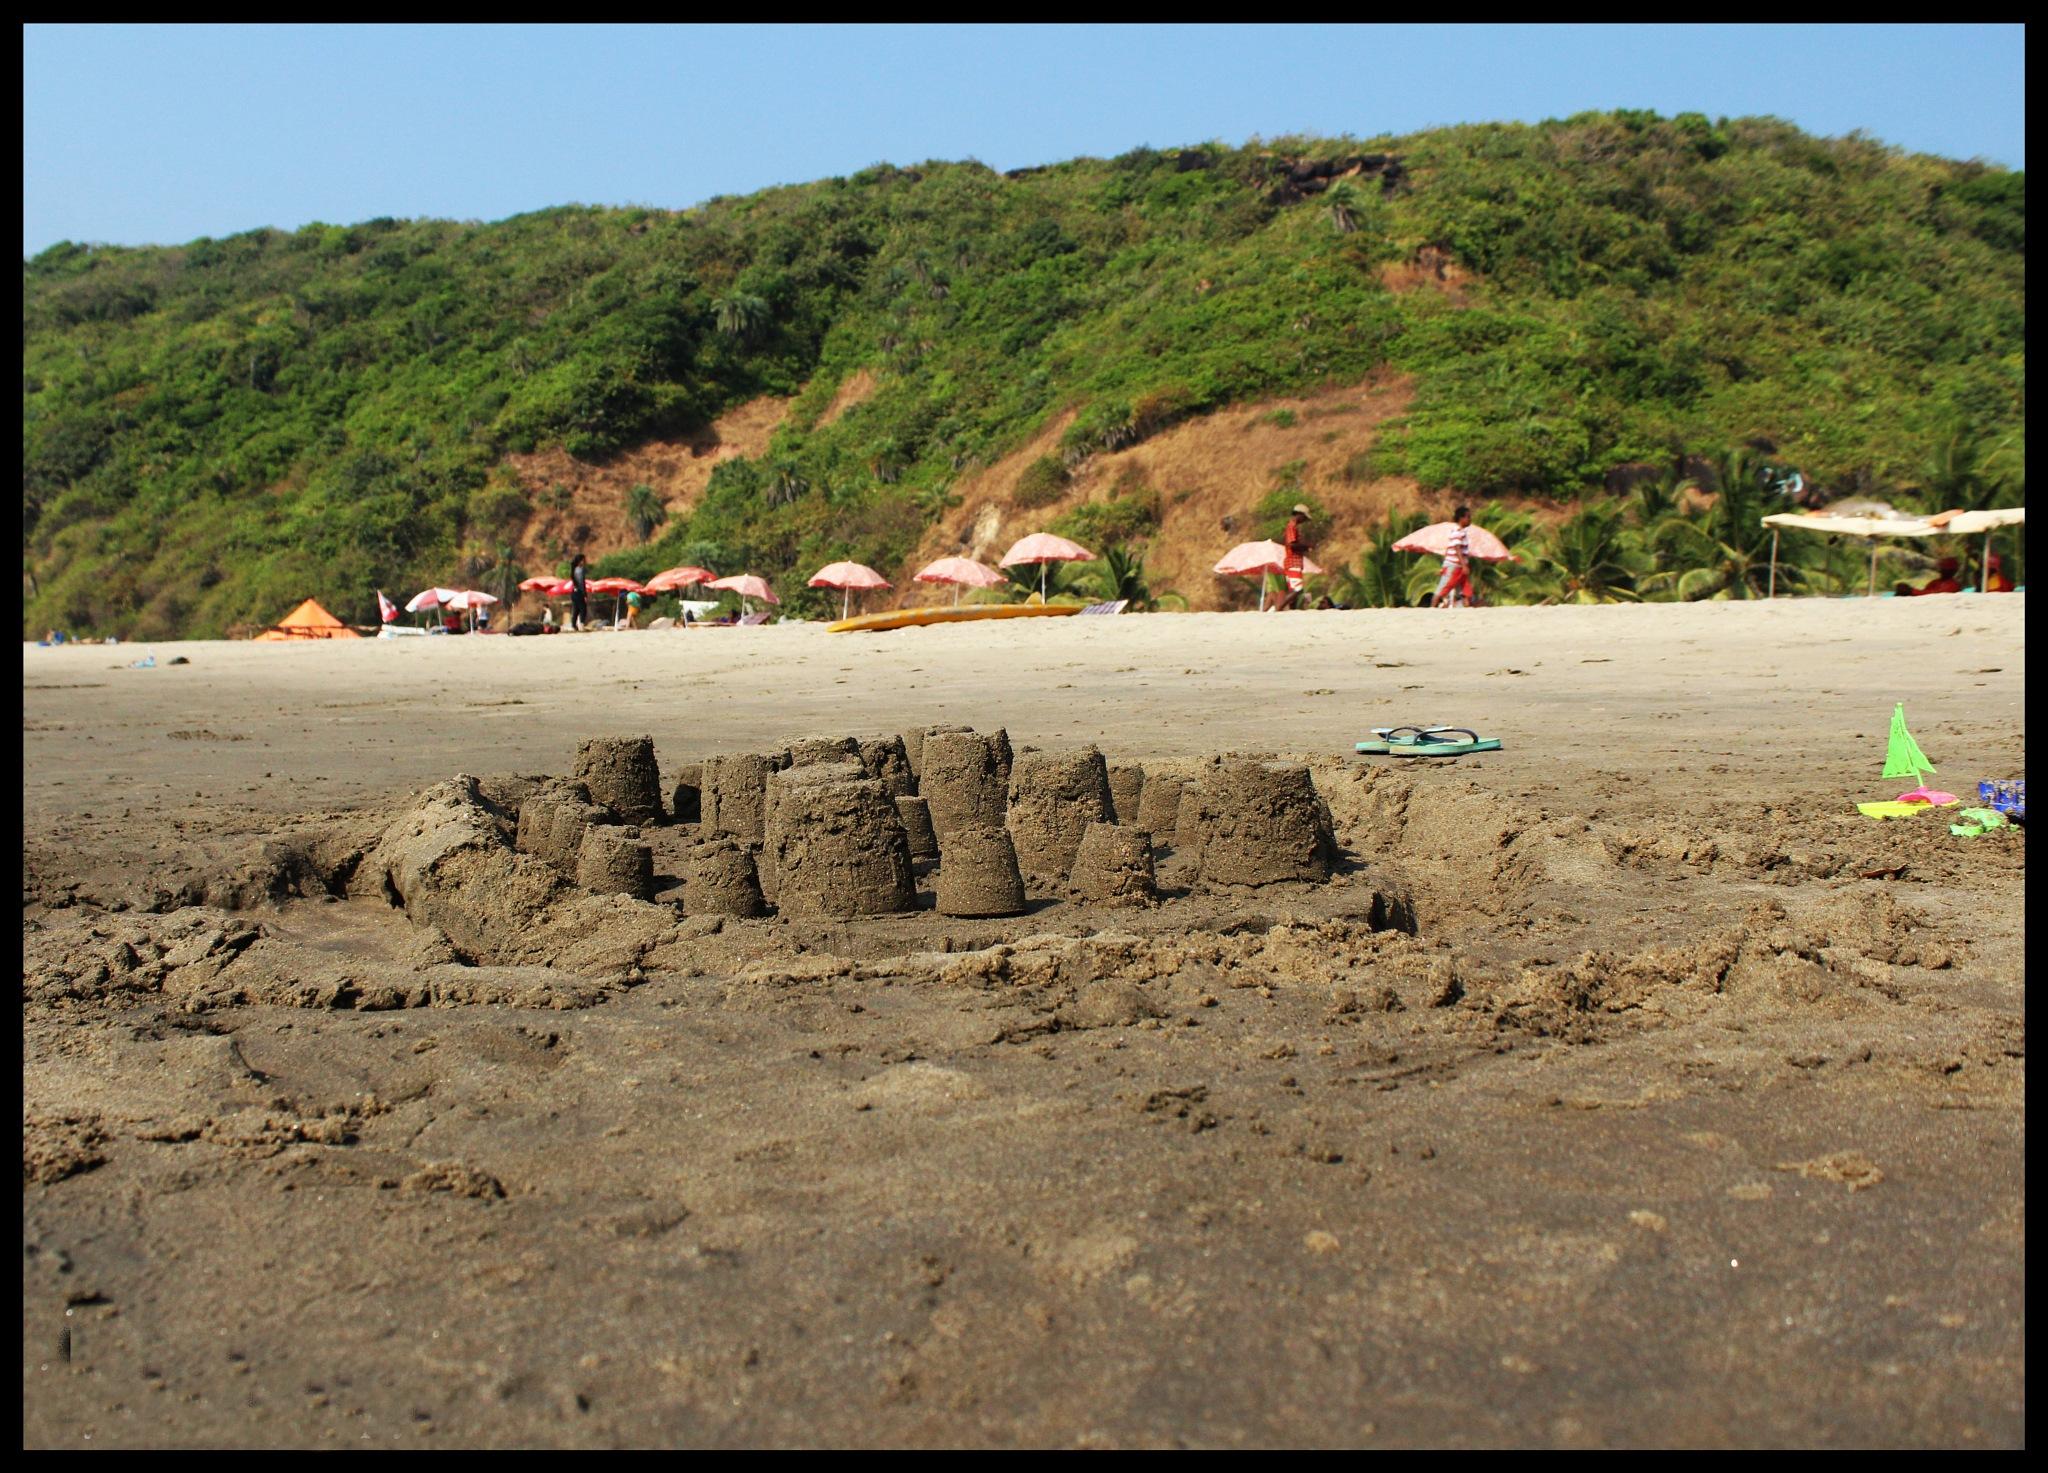 Beach side by Vijay Tiwari